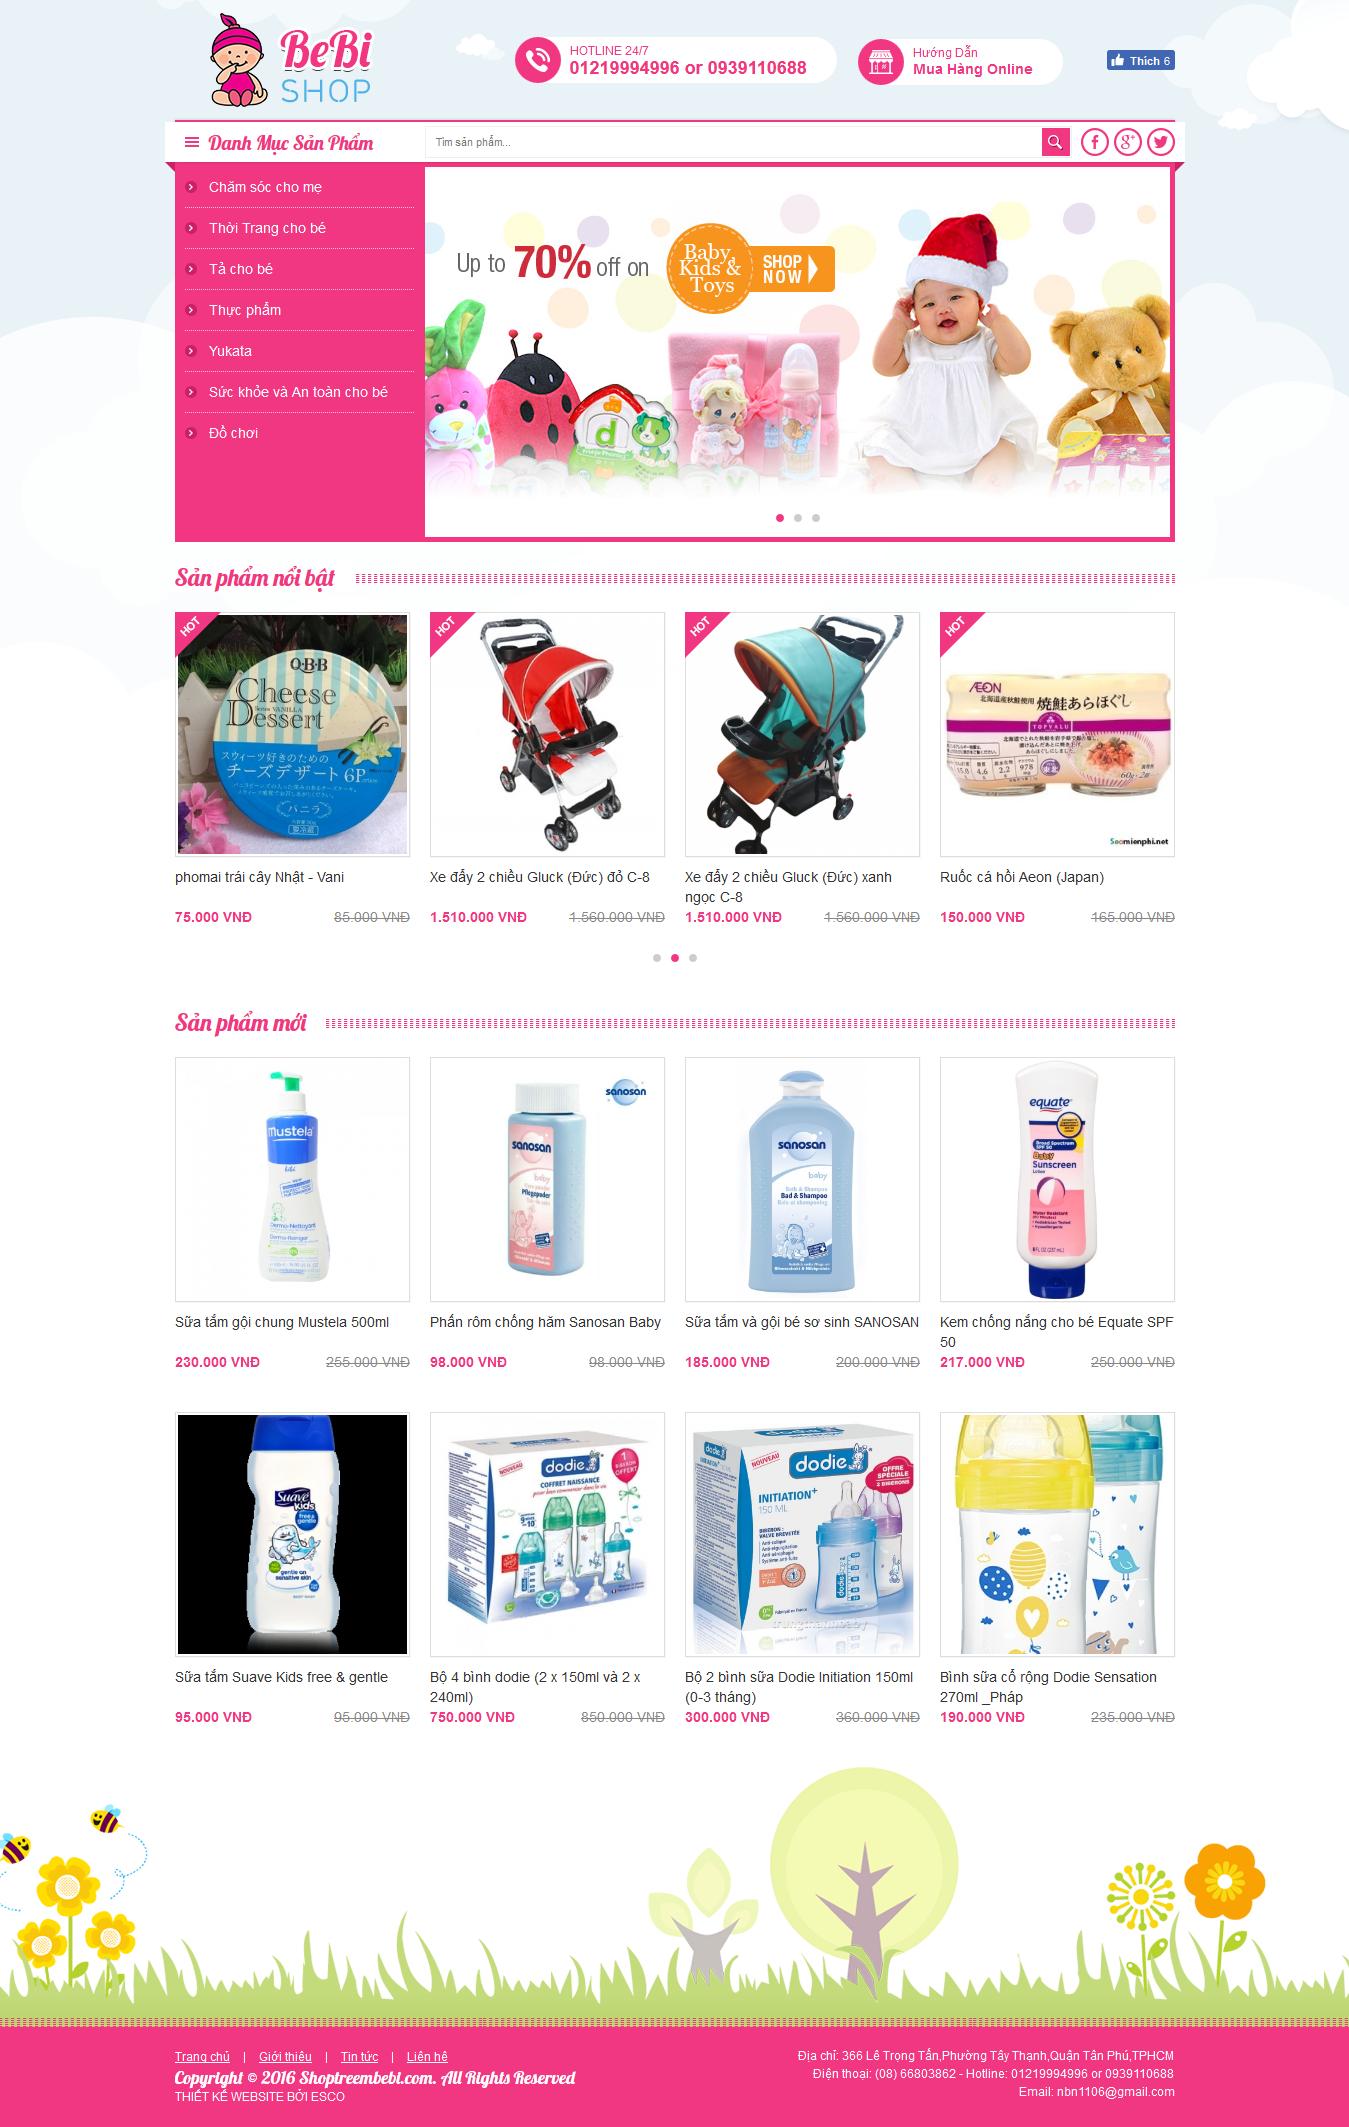 Thiết kế website shop bán hàng Shoptreembebi.com